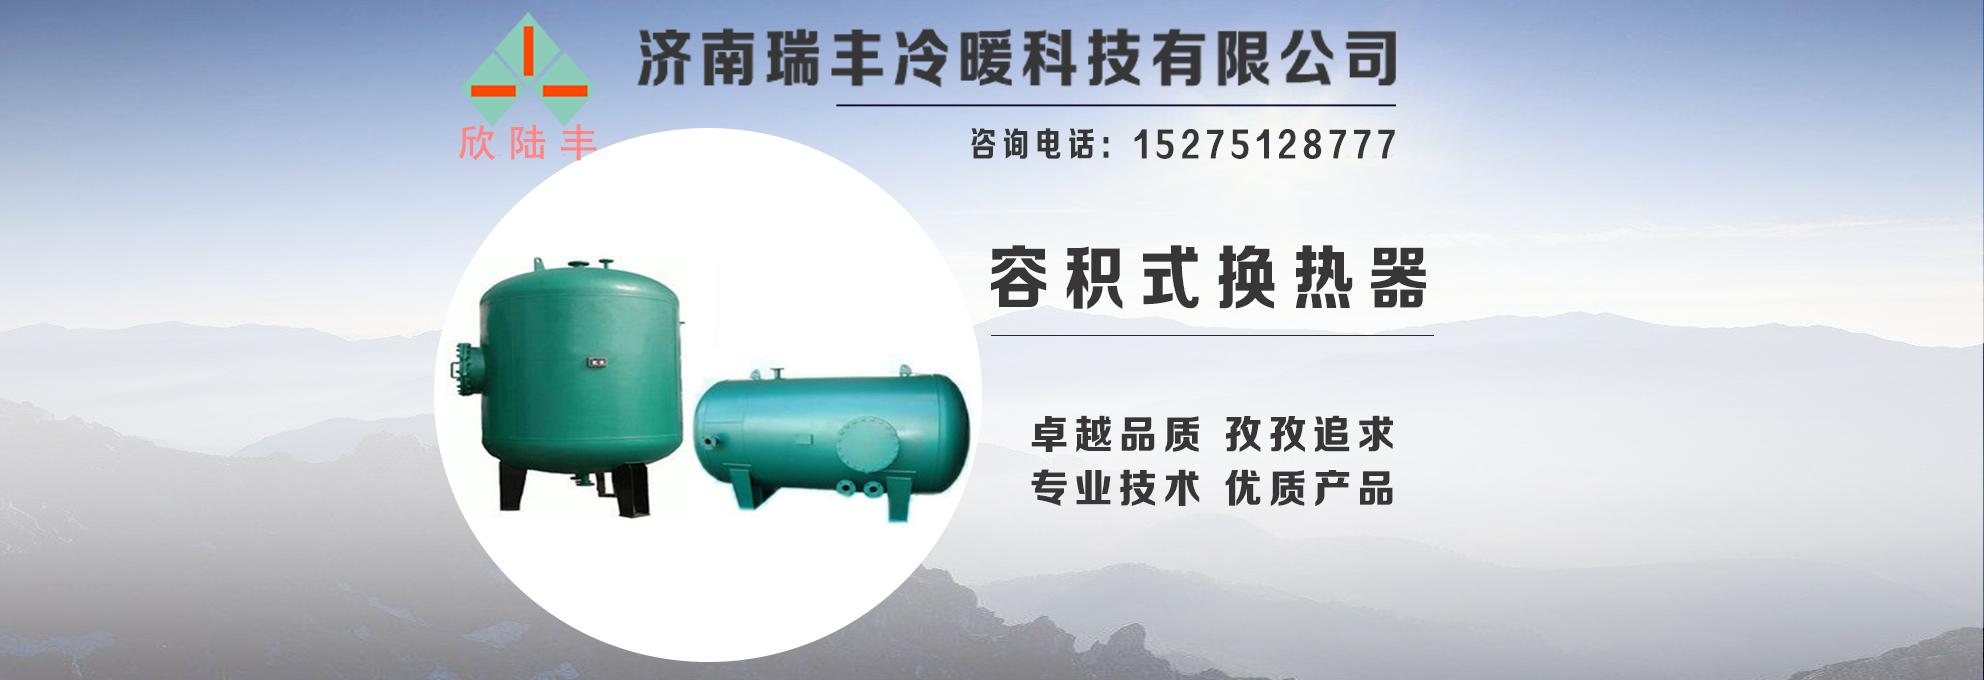 山东容积式换热器